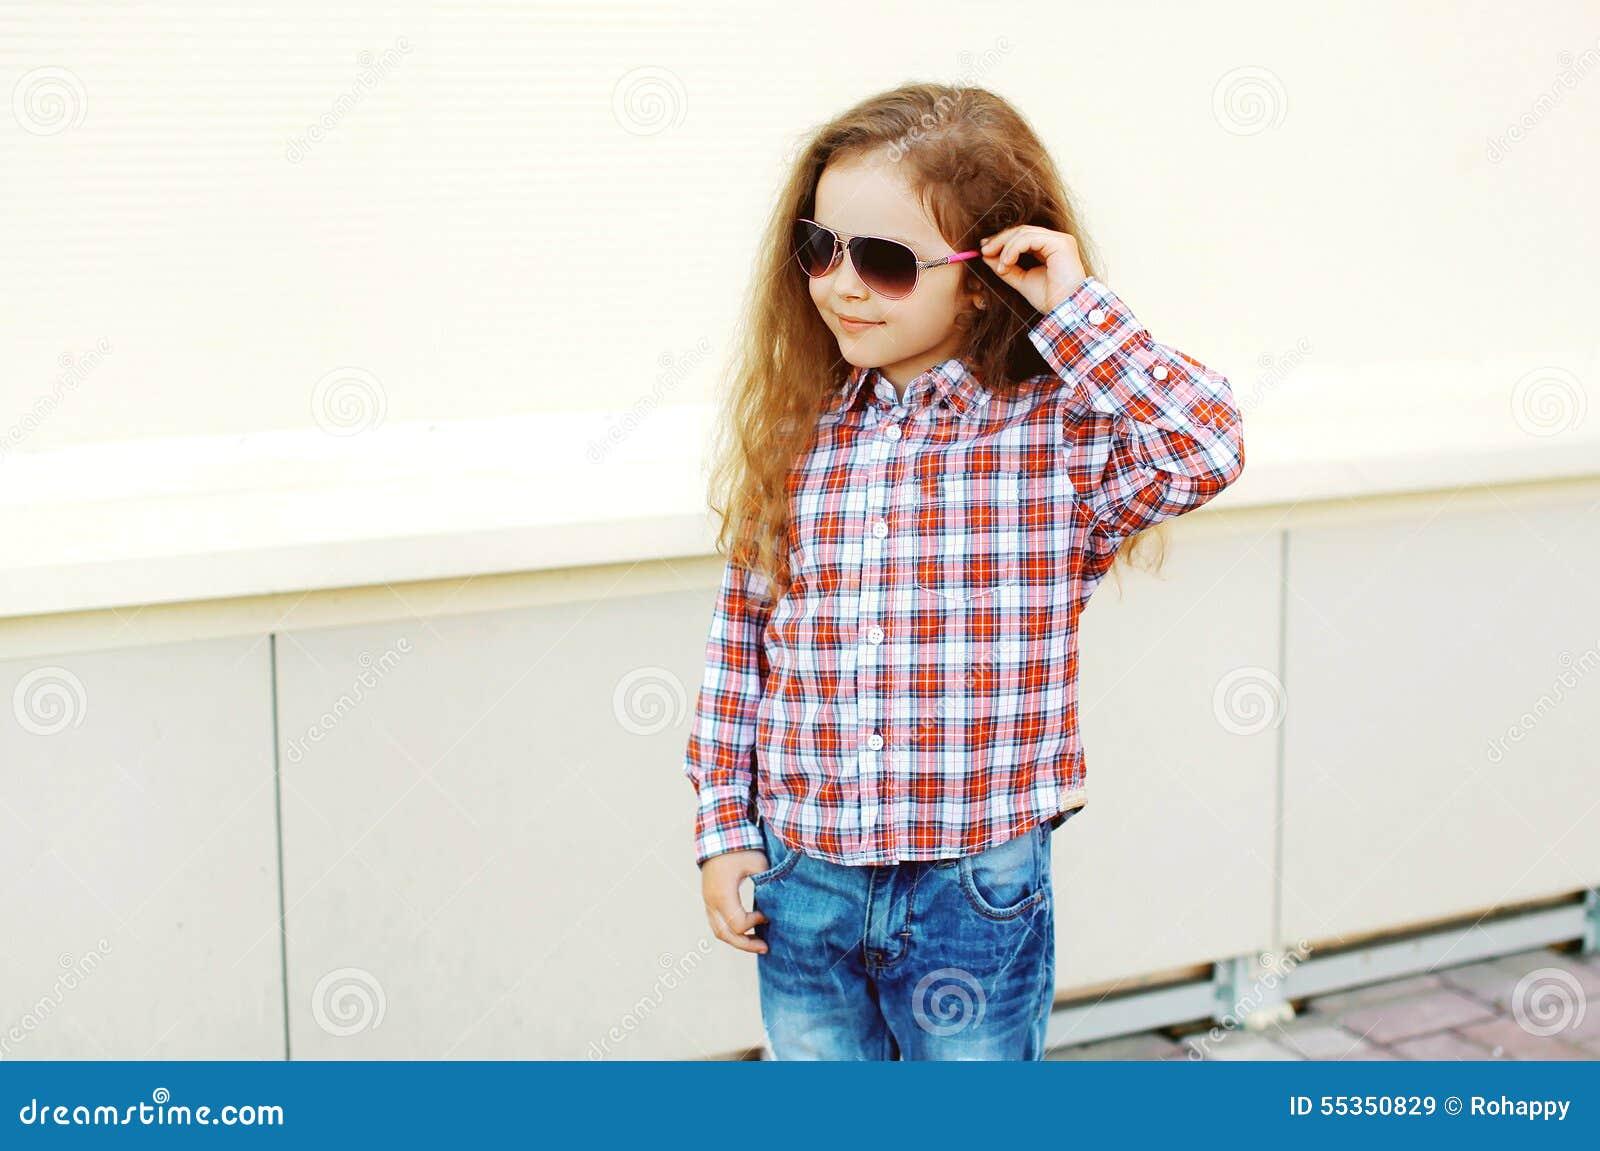 Adatti il concetto del bambino - ritratto del bambino alla moda della bambina